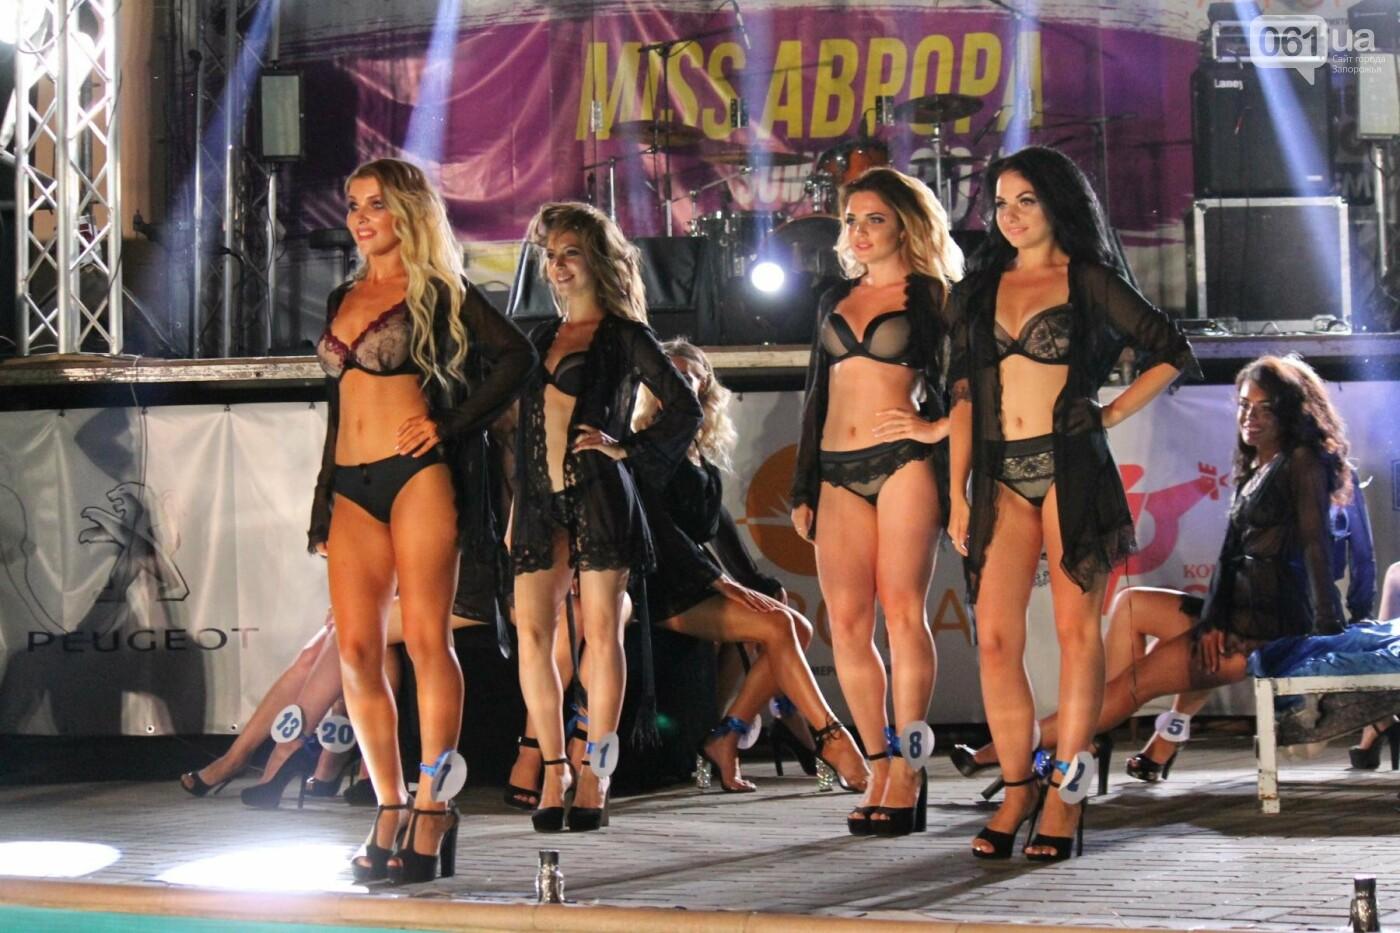 «Miss AVRORA Summer 2018»: в Запорожье на конкурсе красоты выбрали самую красивую девушку, – ФОТОРЕПОРТАЖ, фото-18